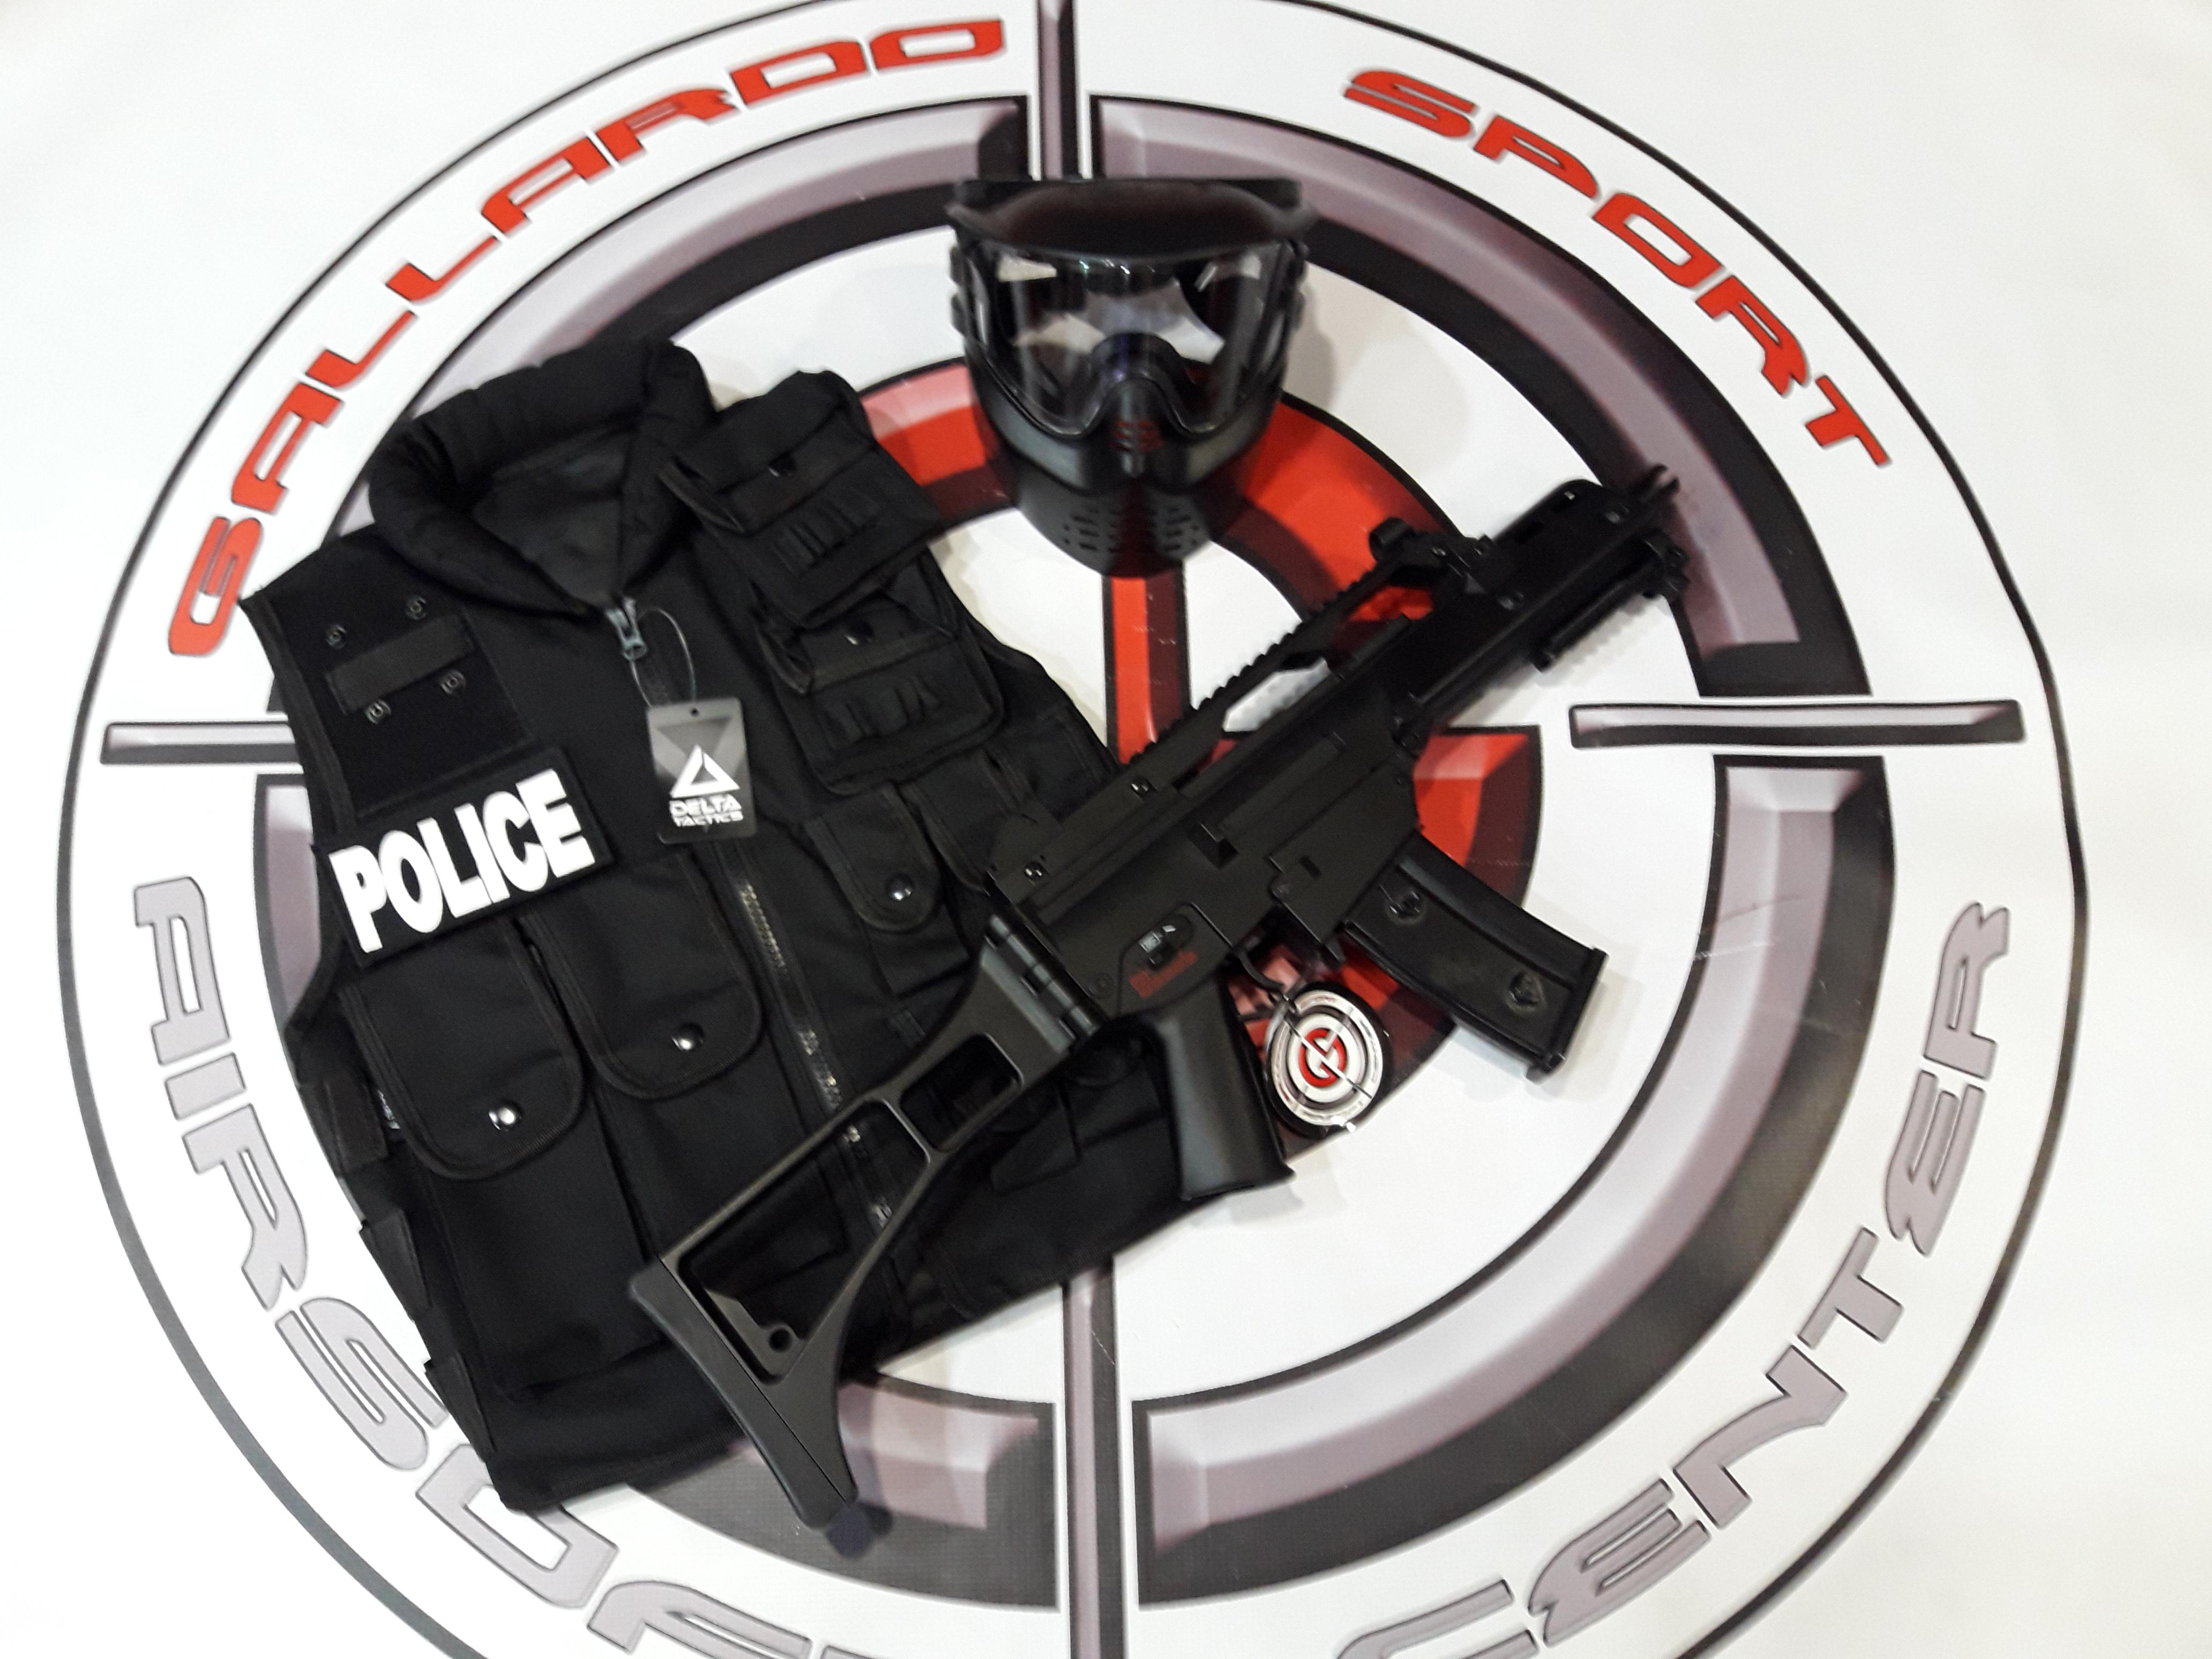 PACK GOLDEN POLICE BLACK